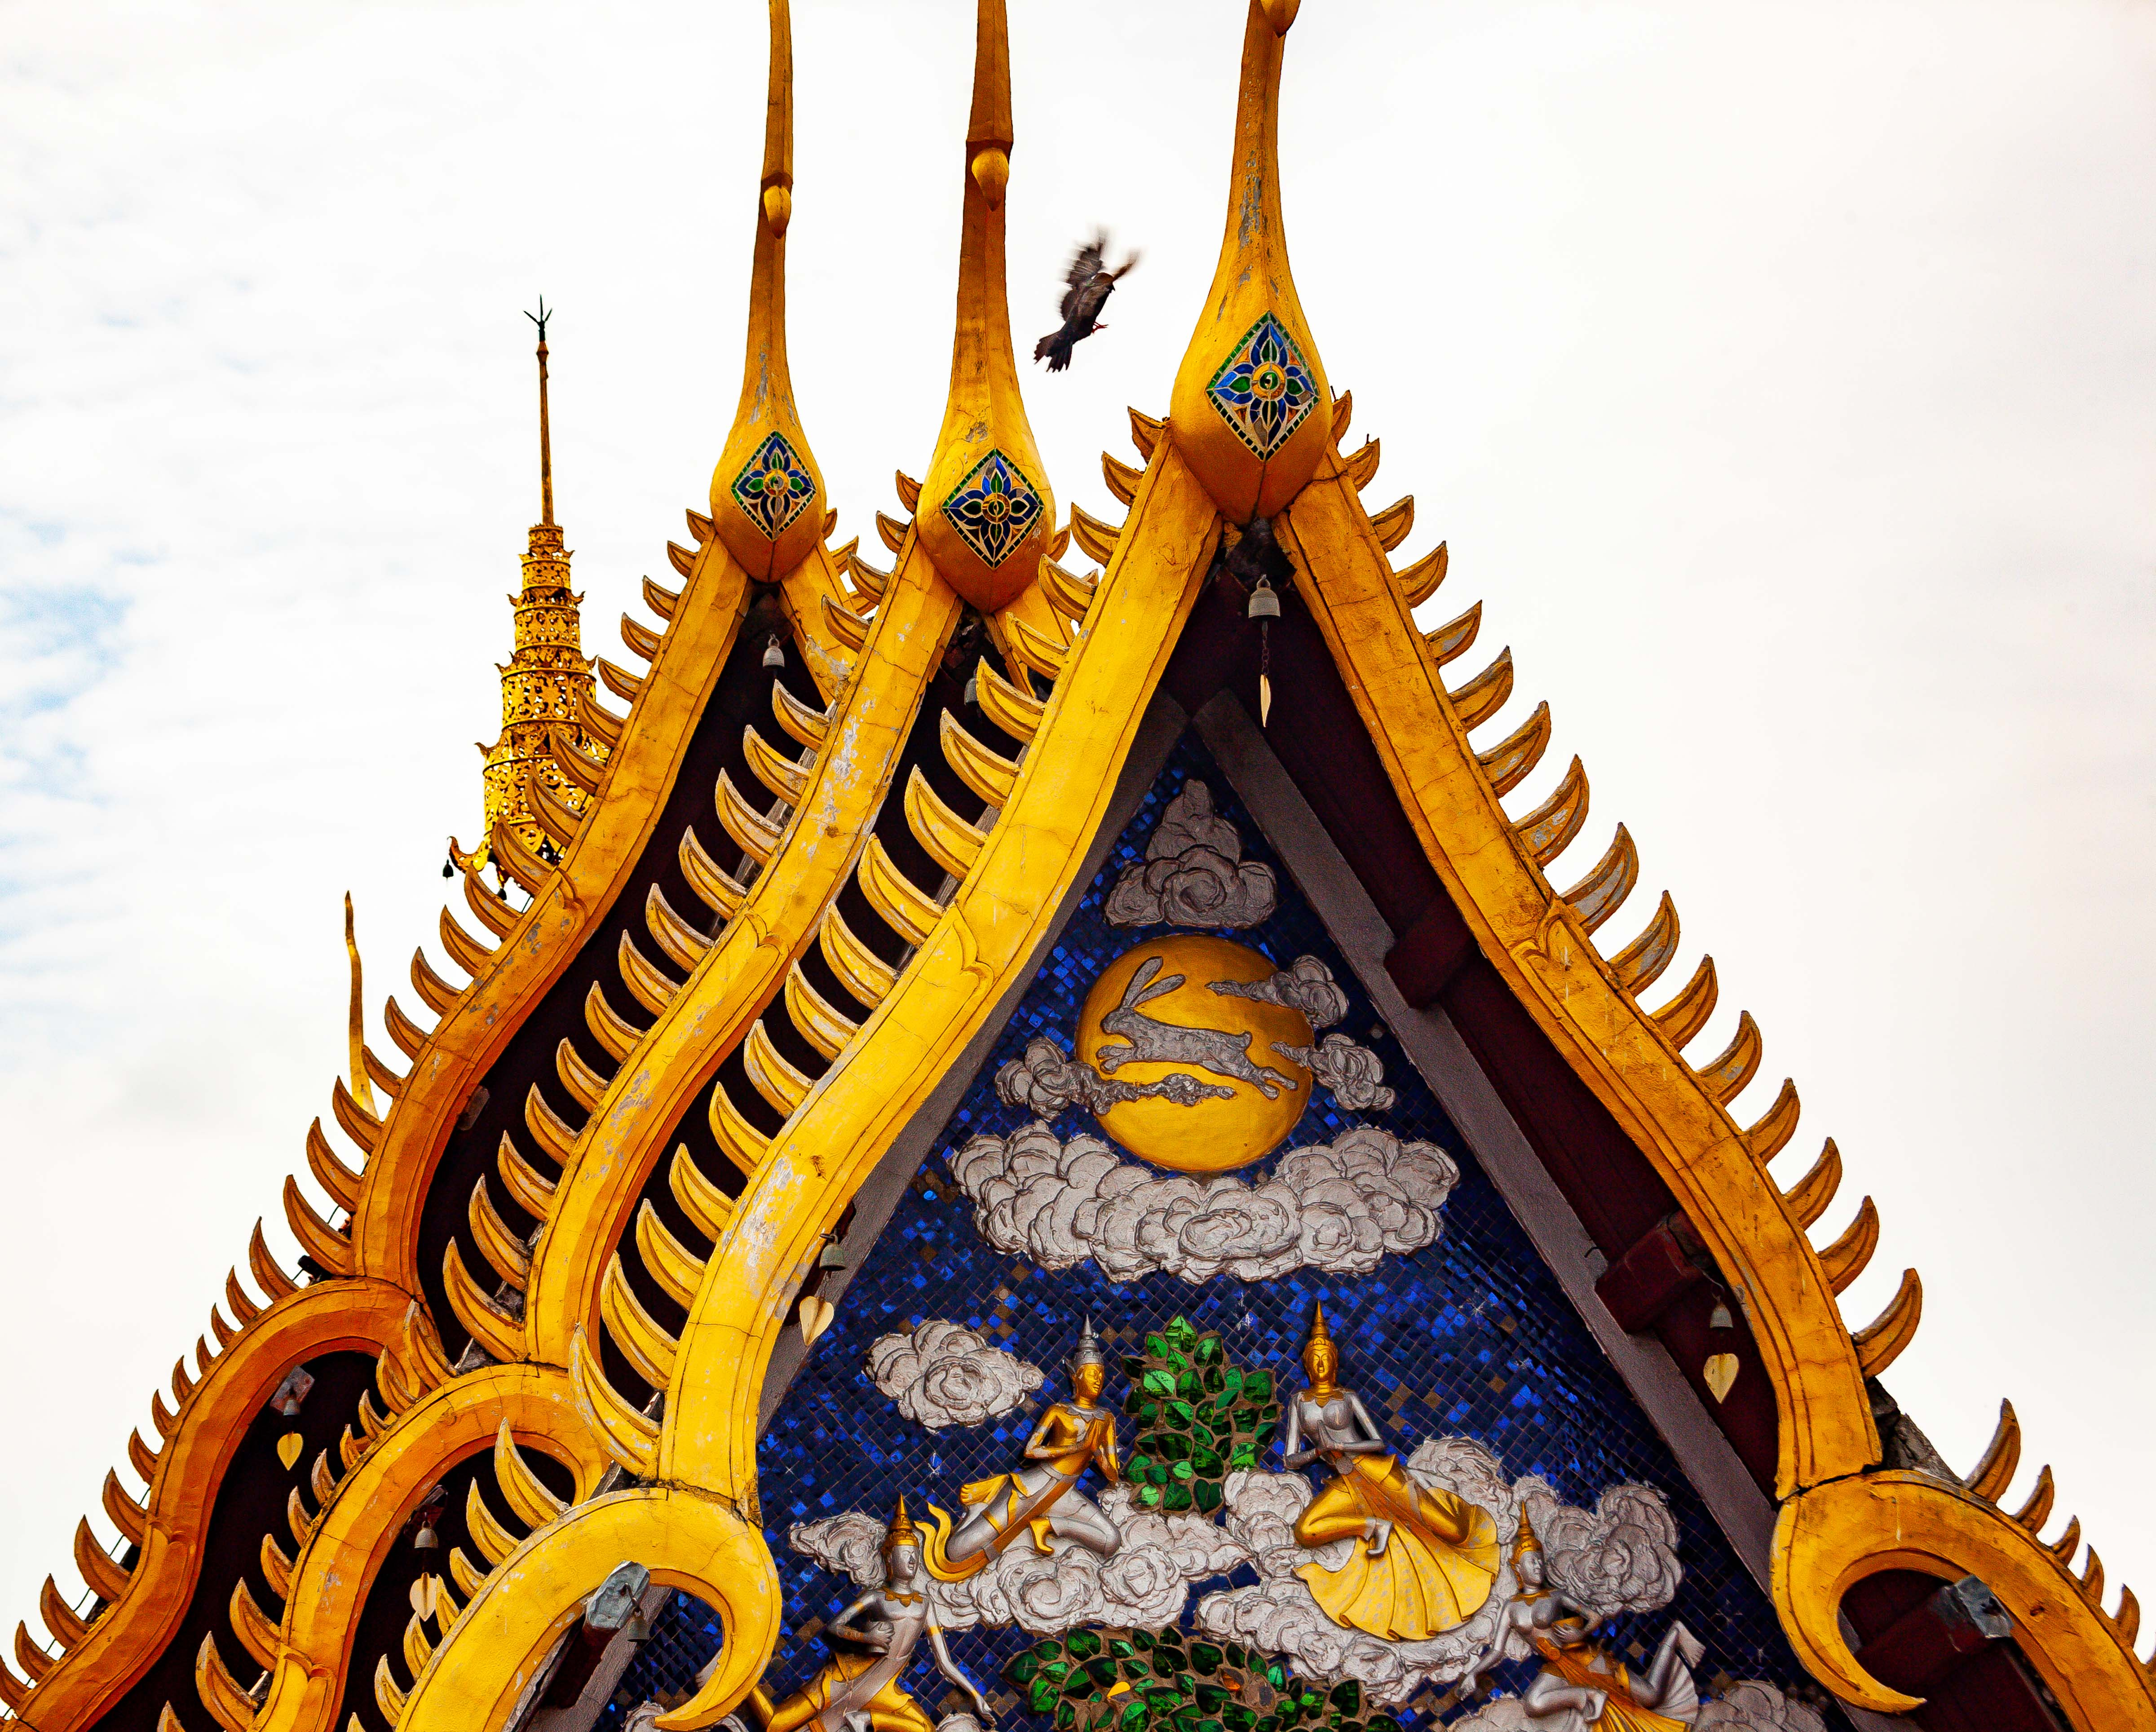 Thailand, Lampang Prov, Temple Tops, 2008, IMG 4041